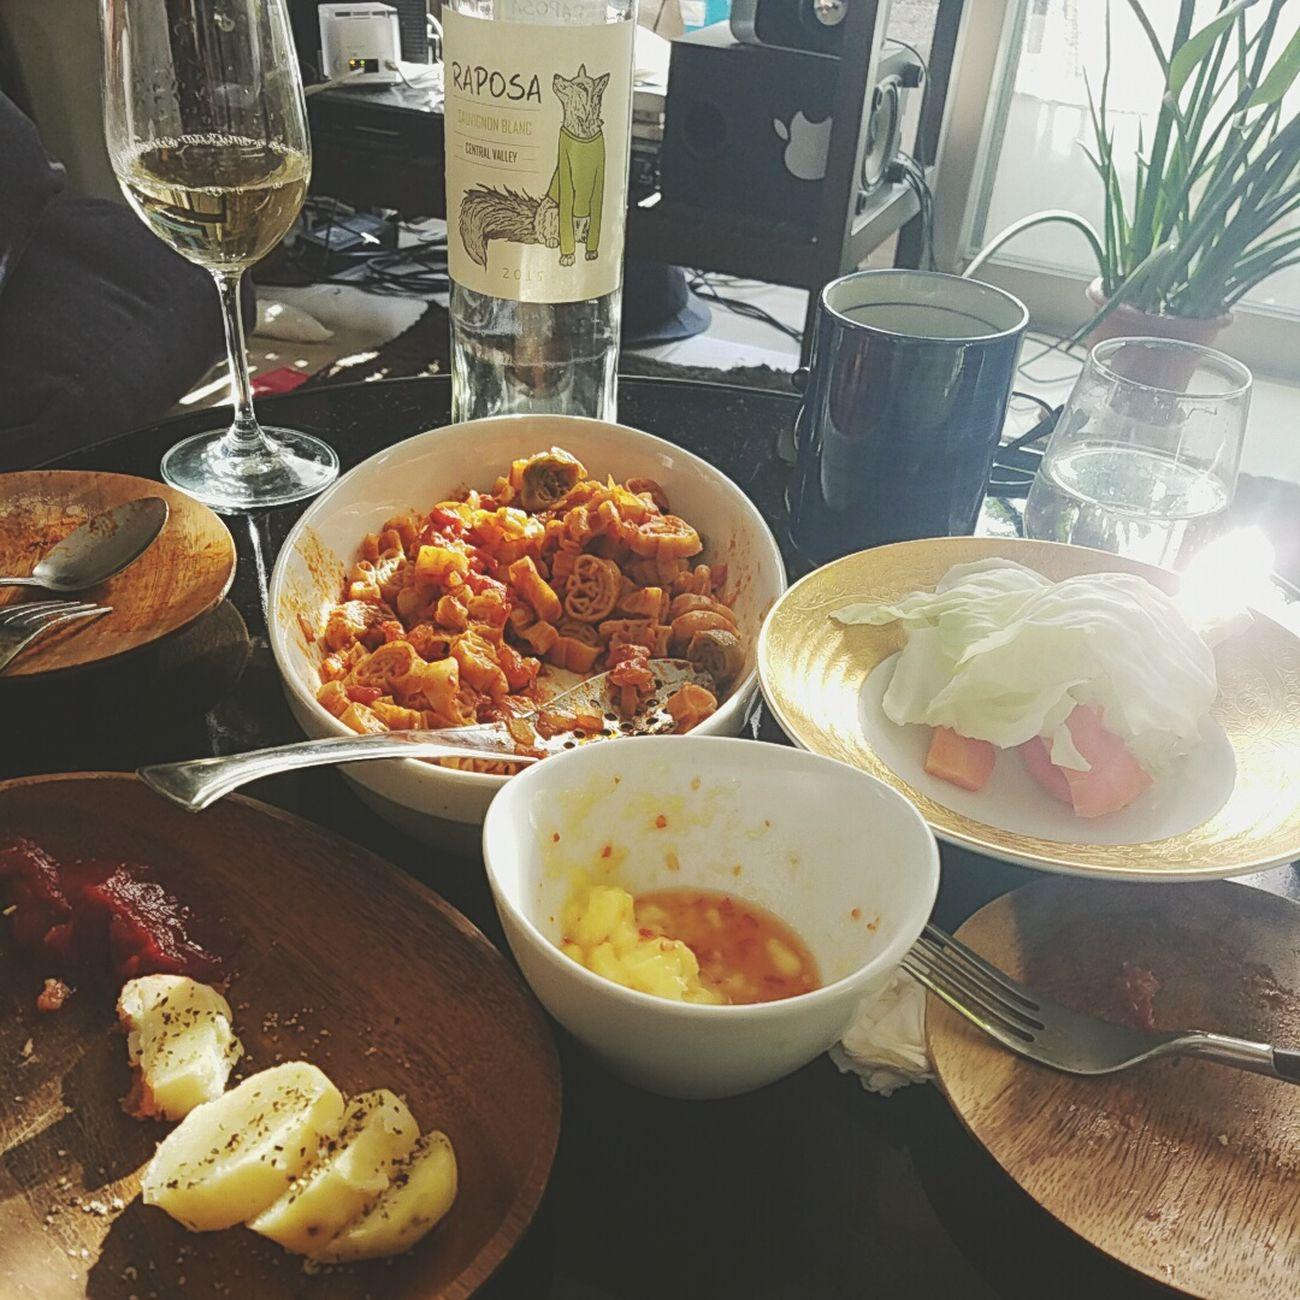 Food Casi Comer Almuerzo Comidas Indoors  Lunch Luxurious Holiday 非日常 Sunday Evening 夢?...昼下がり。人生で初めて男性が作ってくれたlunch。こんなにもゆっくりと落ち着いた時間を過ごしたことない。そう思っているのは私だけかもしれないけど...とても大切な時間。夢であろうと現実であろうと。少し前の記憶。